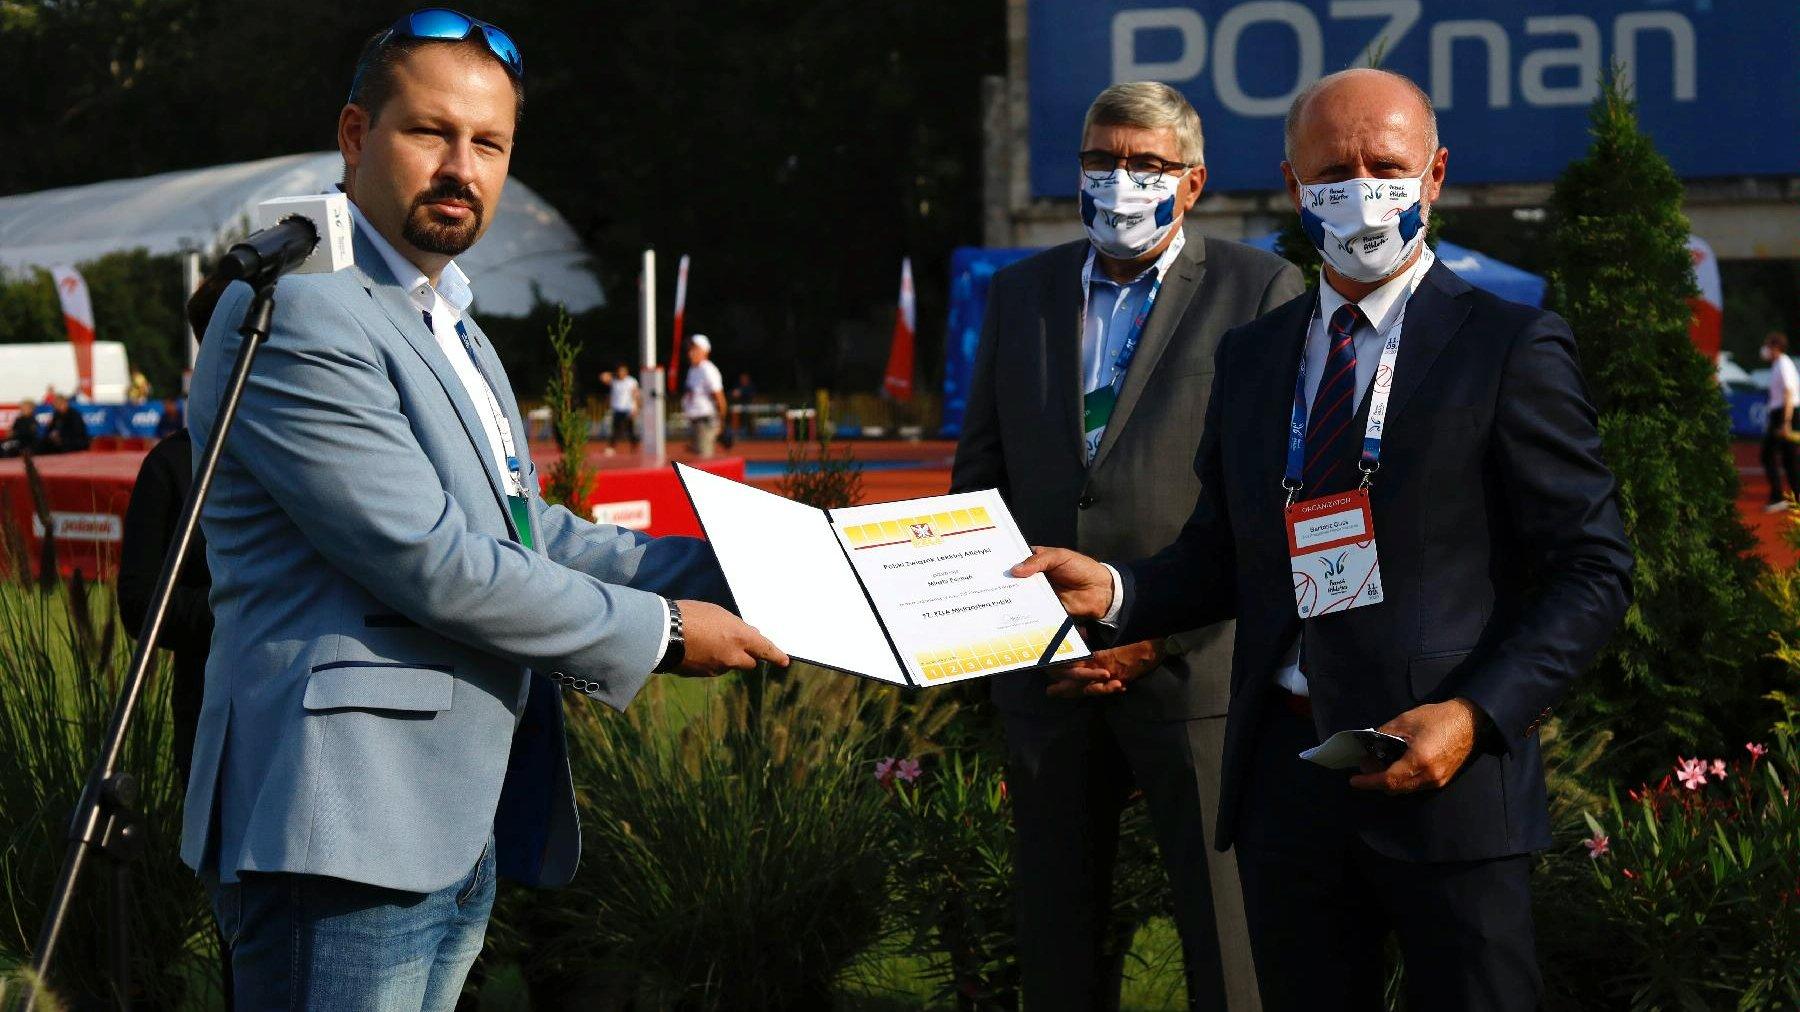 Przedstawiciel PZLA wręcza Bartoszowi Gussowi certyfikat przyznania Poznaniowi organizację Mistrzostw Polski w lekkoatletyce w 2021. Na drugim planie Grzegorz Ganowicz, przewodniczący Rady Miasta - grafika artykułu